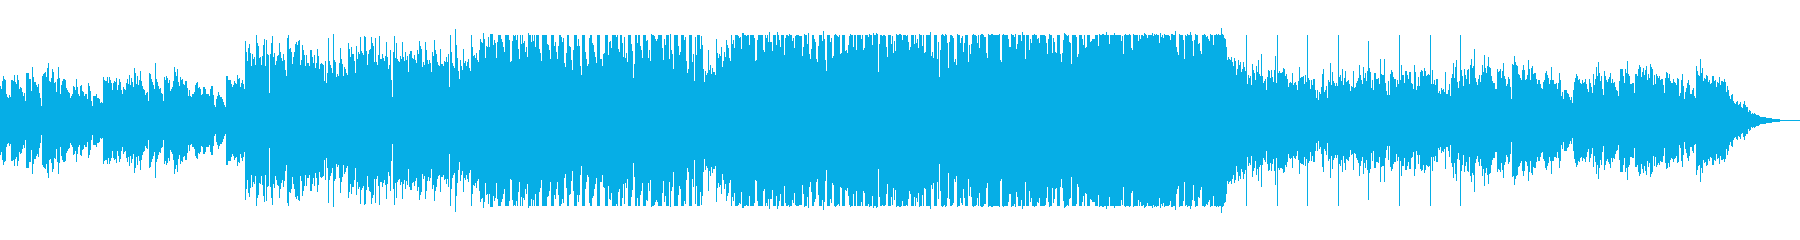 しっとりアップテンポのシンセサイザーの曲の再生済みの波形